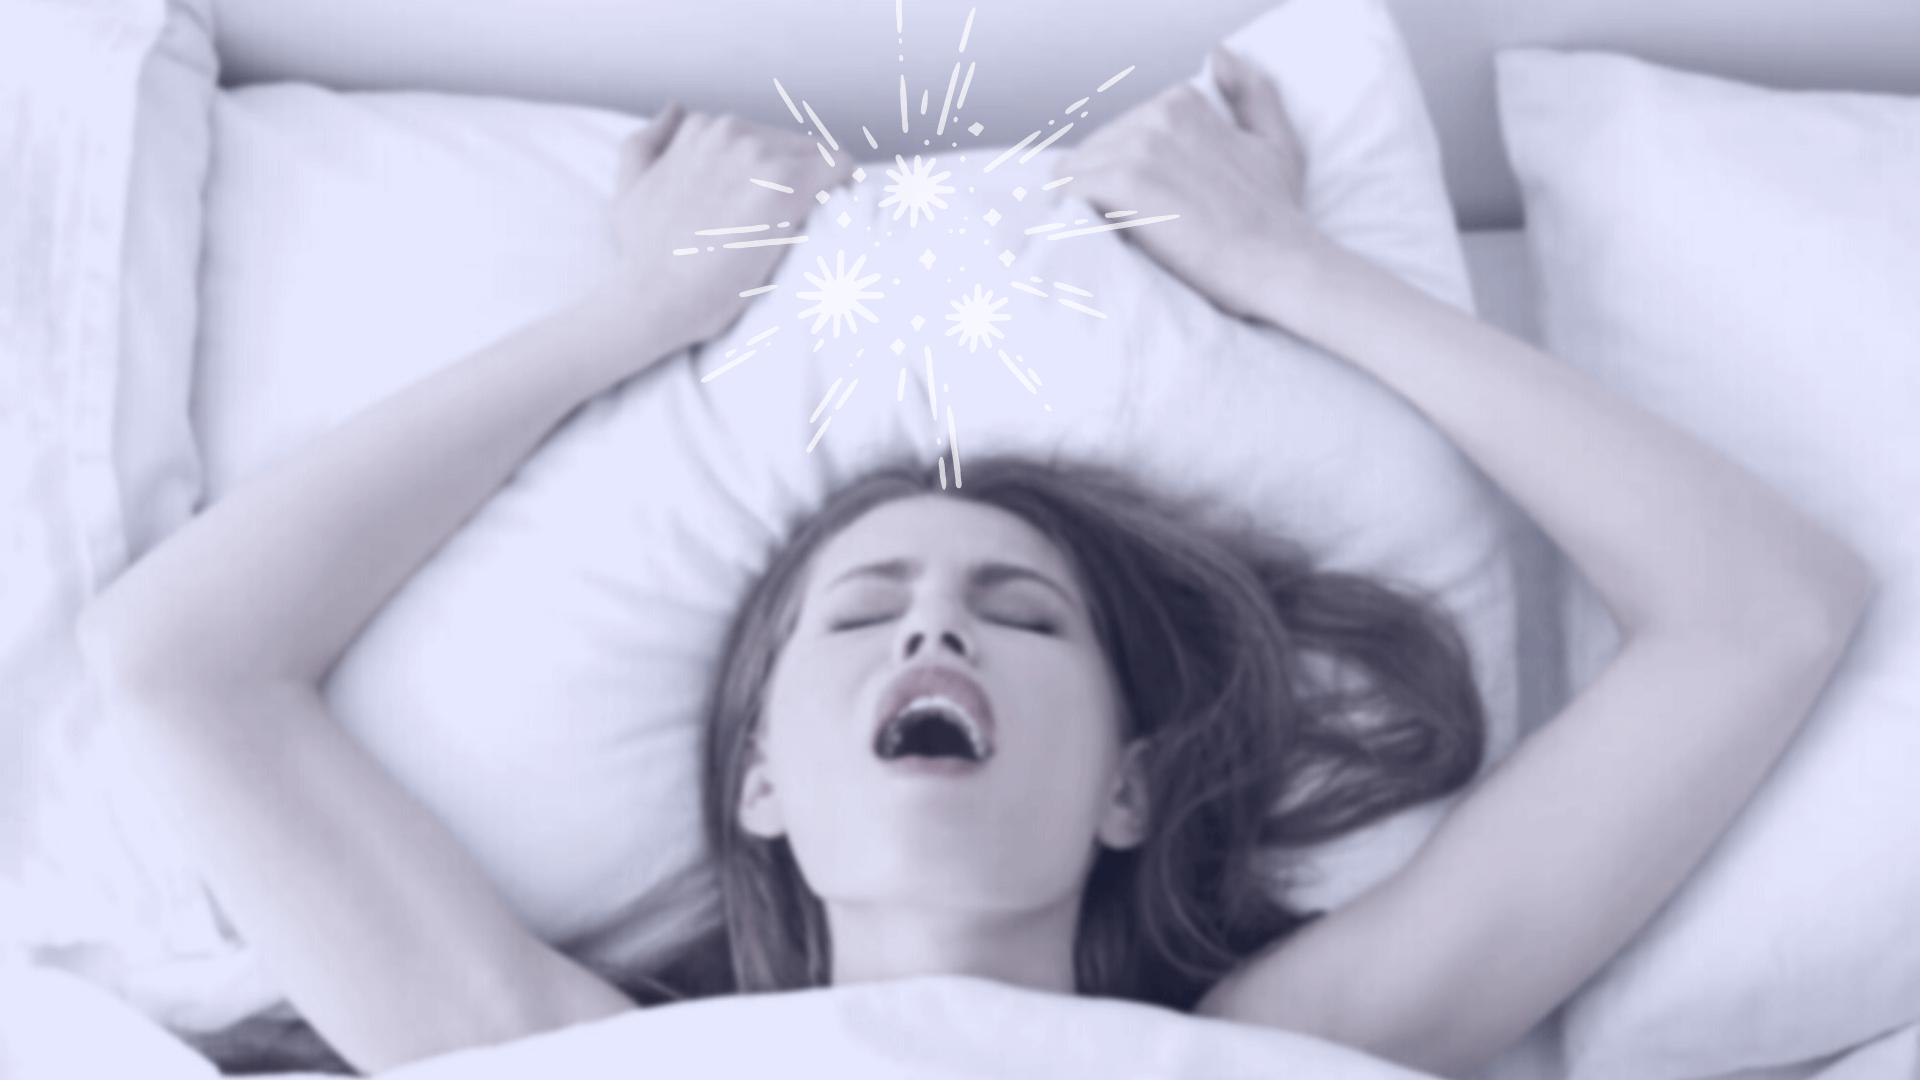 Orgasmos nocturnos: ¿qué son y cómo funcionan?